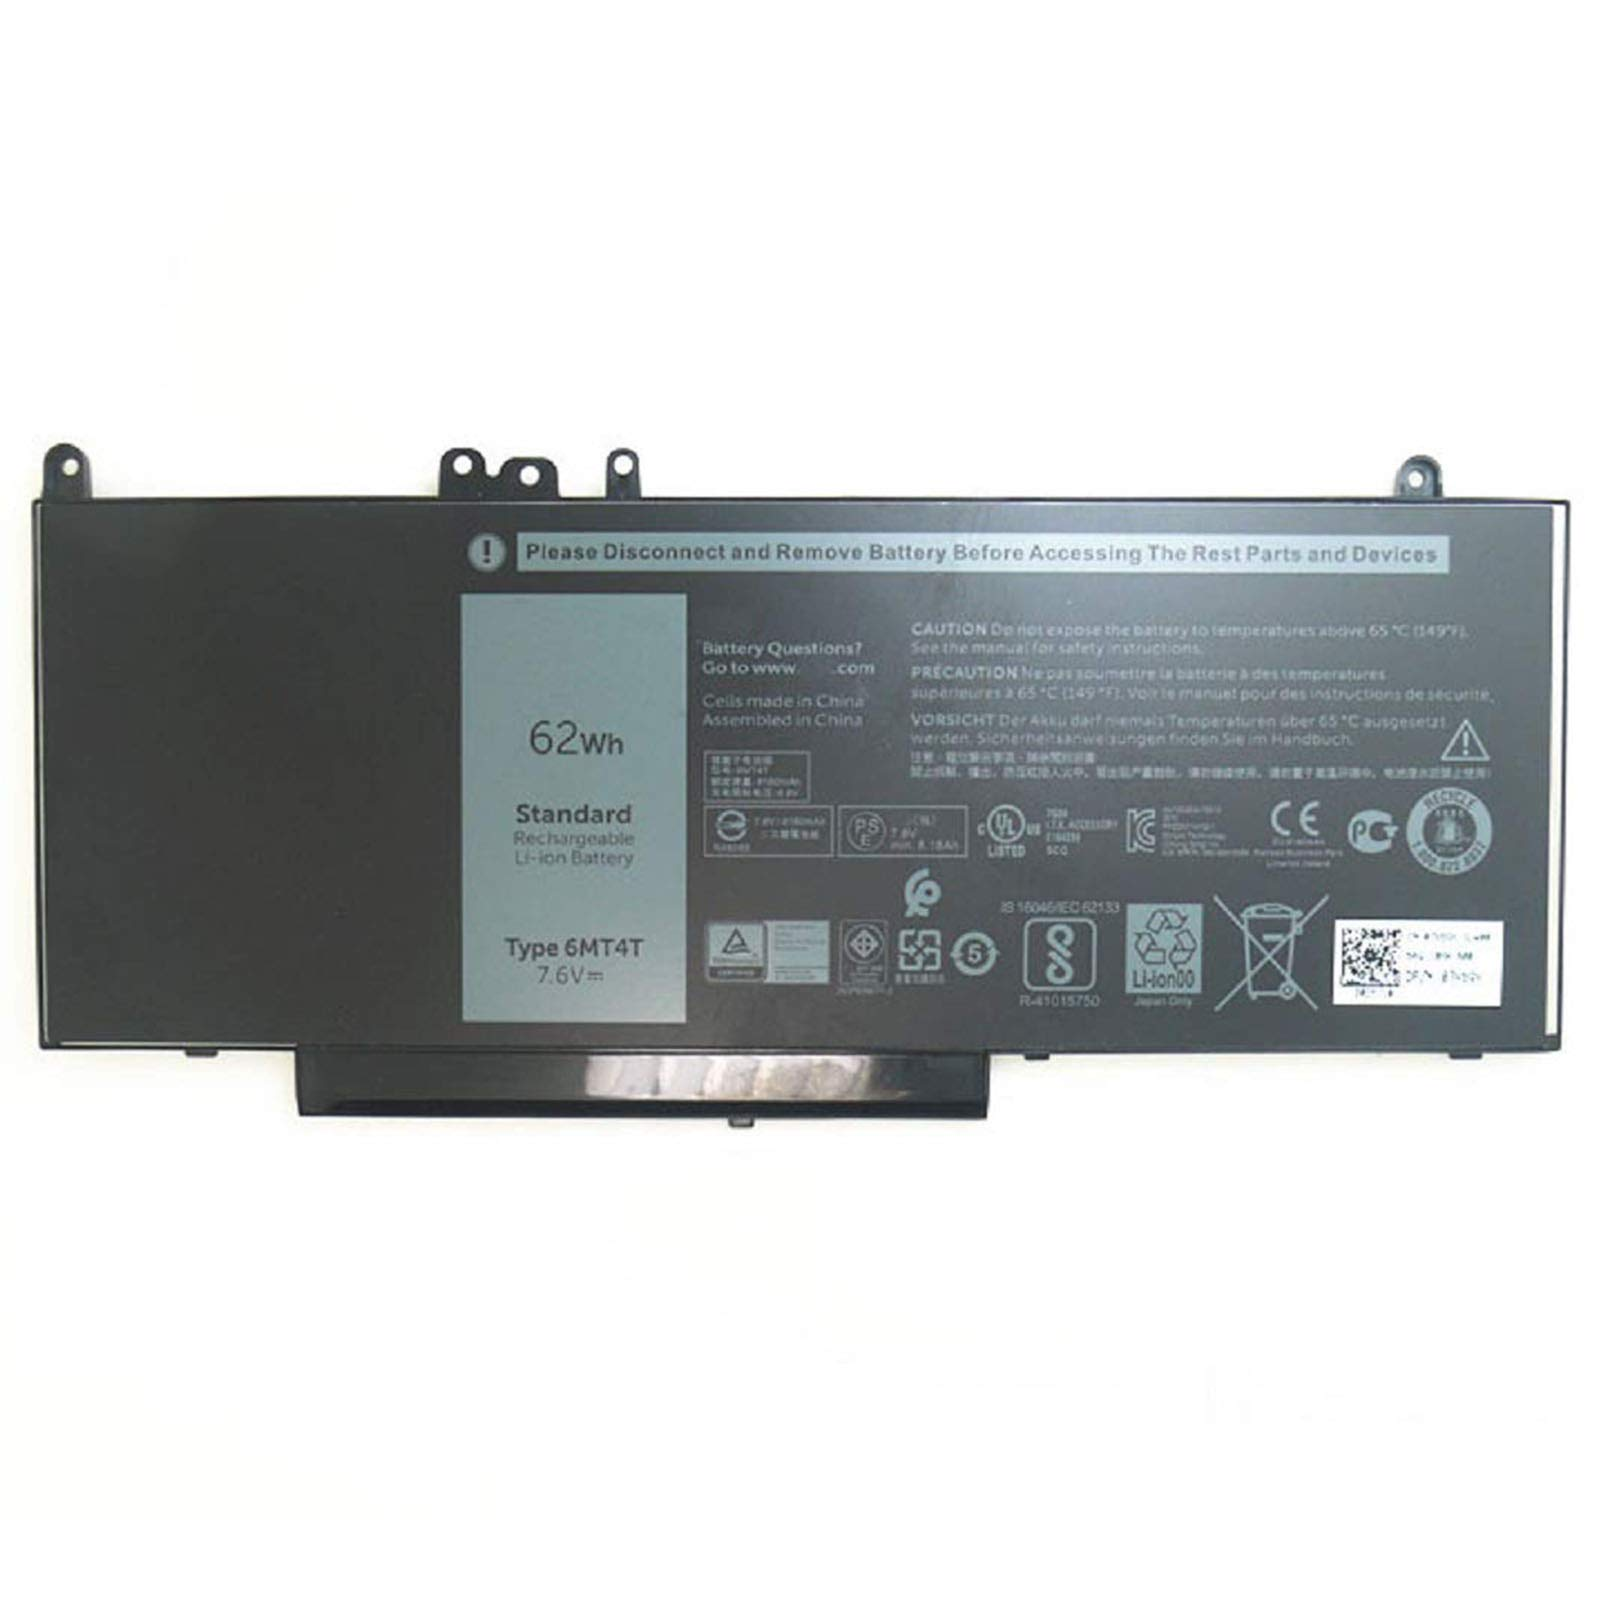 Bateria Dell 6mt4t 62wh Latitude E5470 E5570 Precision 3510